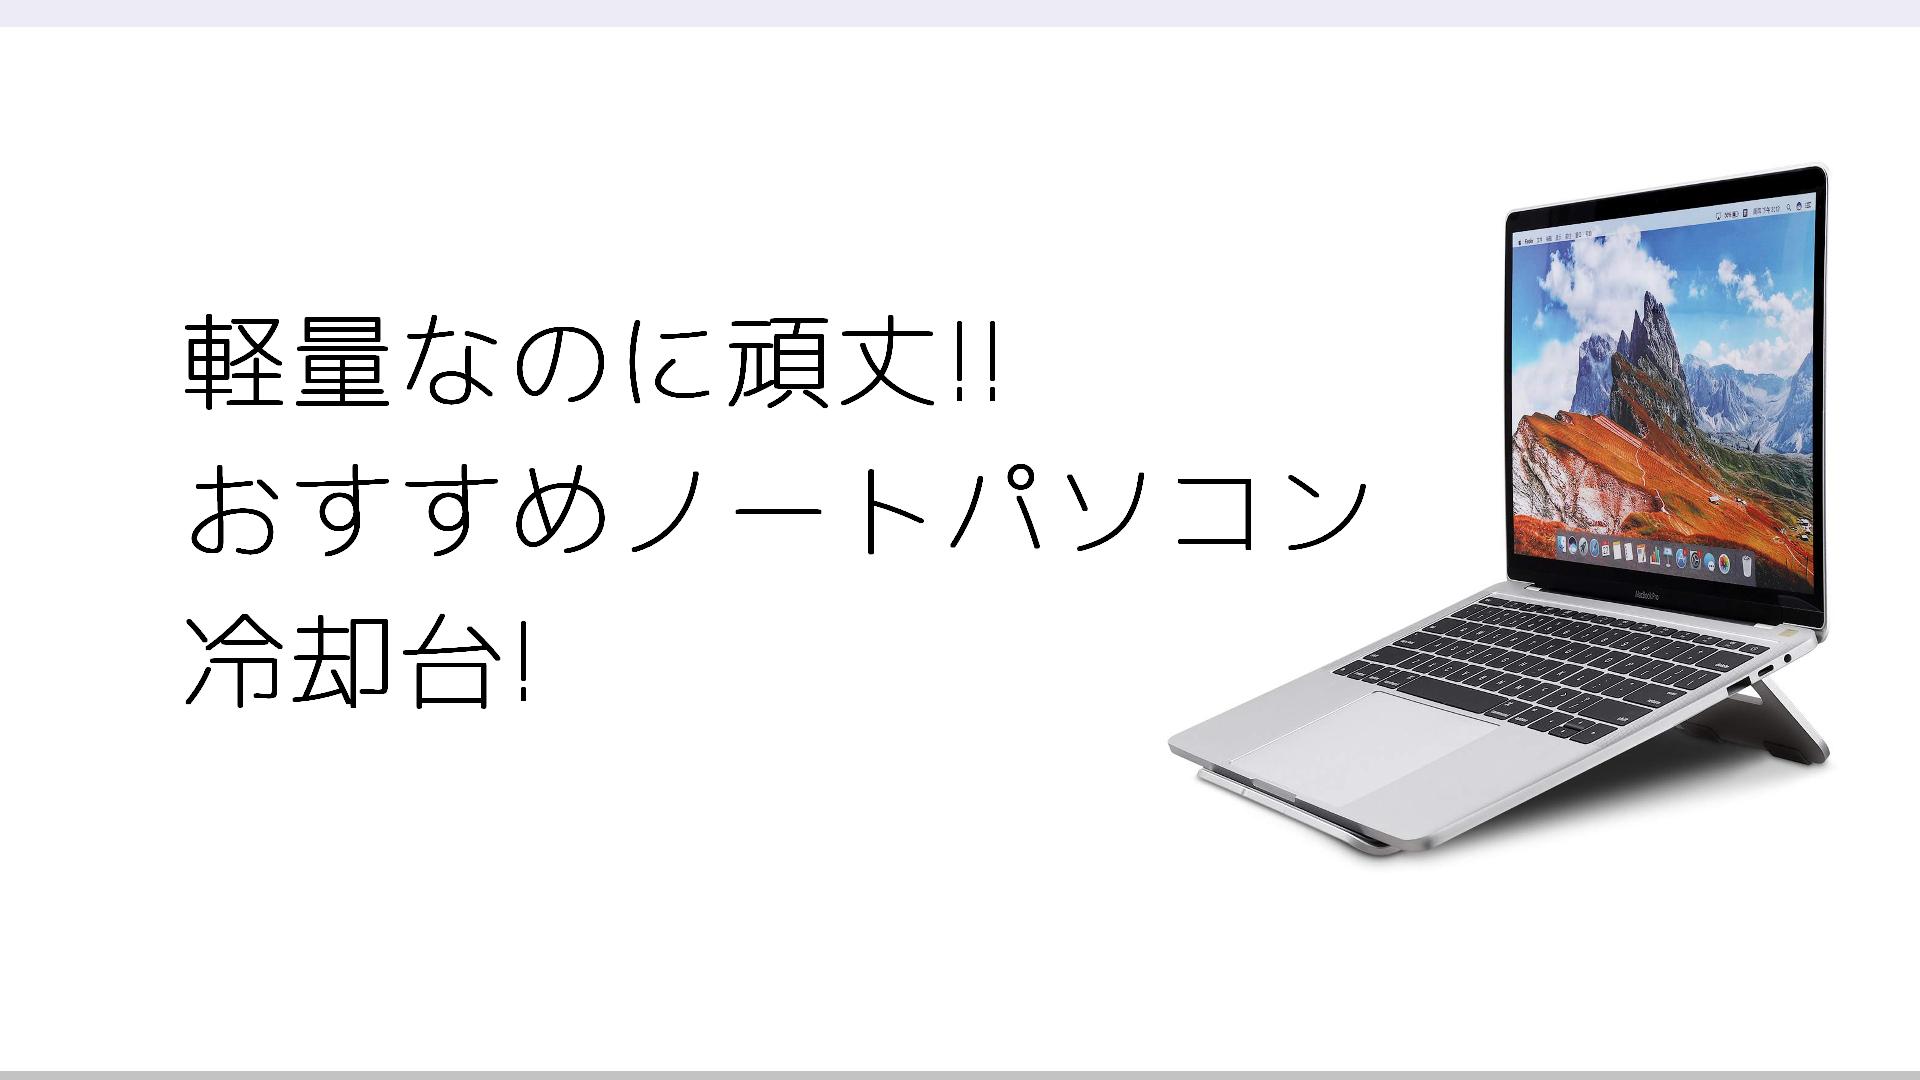 netu - 夏が来る前にノートパソコンの熱対策を!!